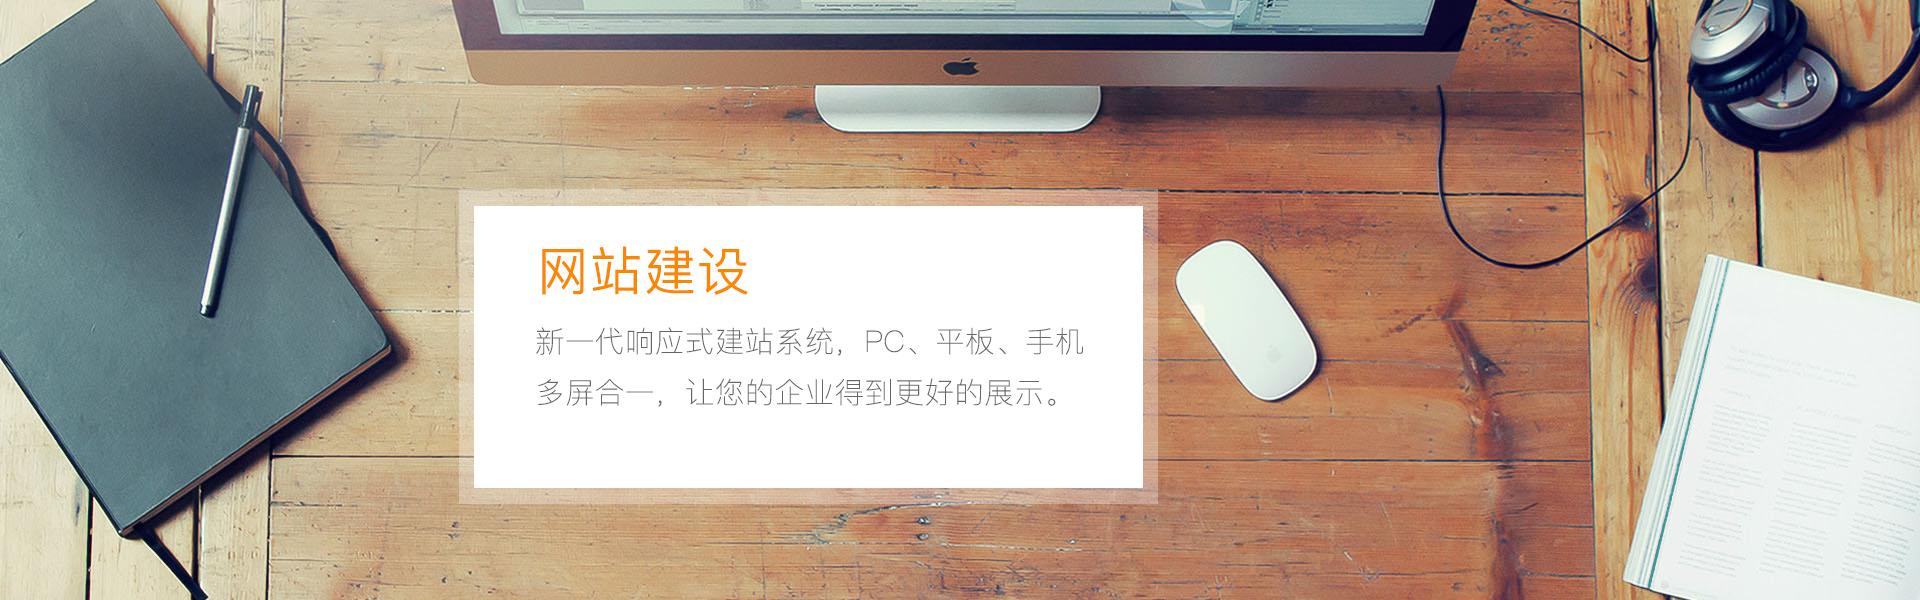 盘锦做网站.jpg